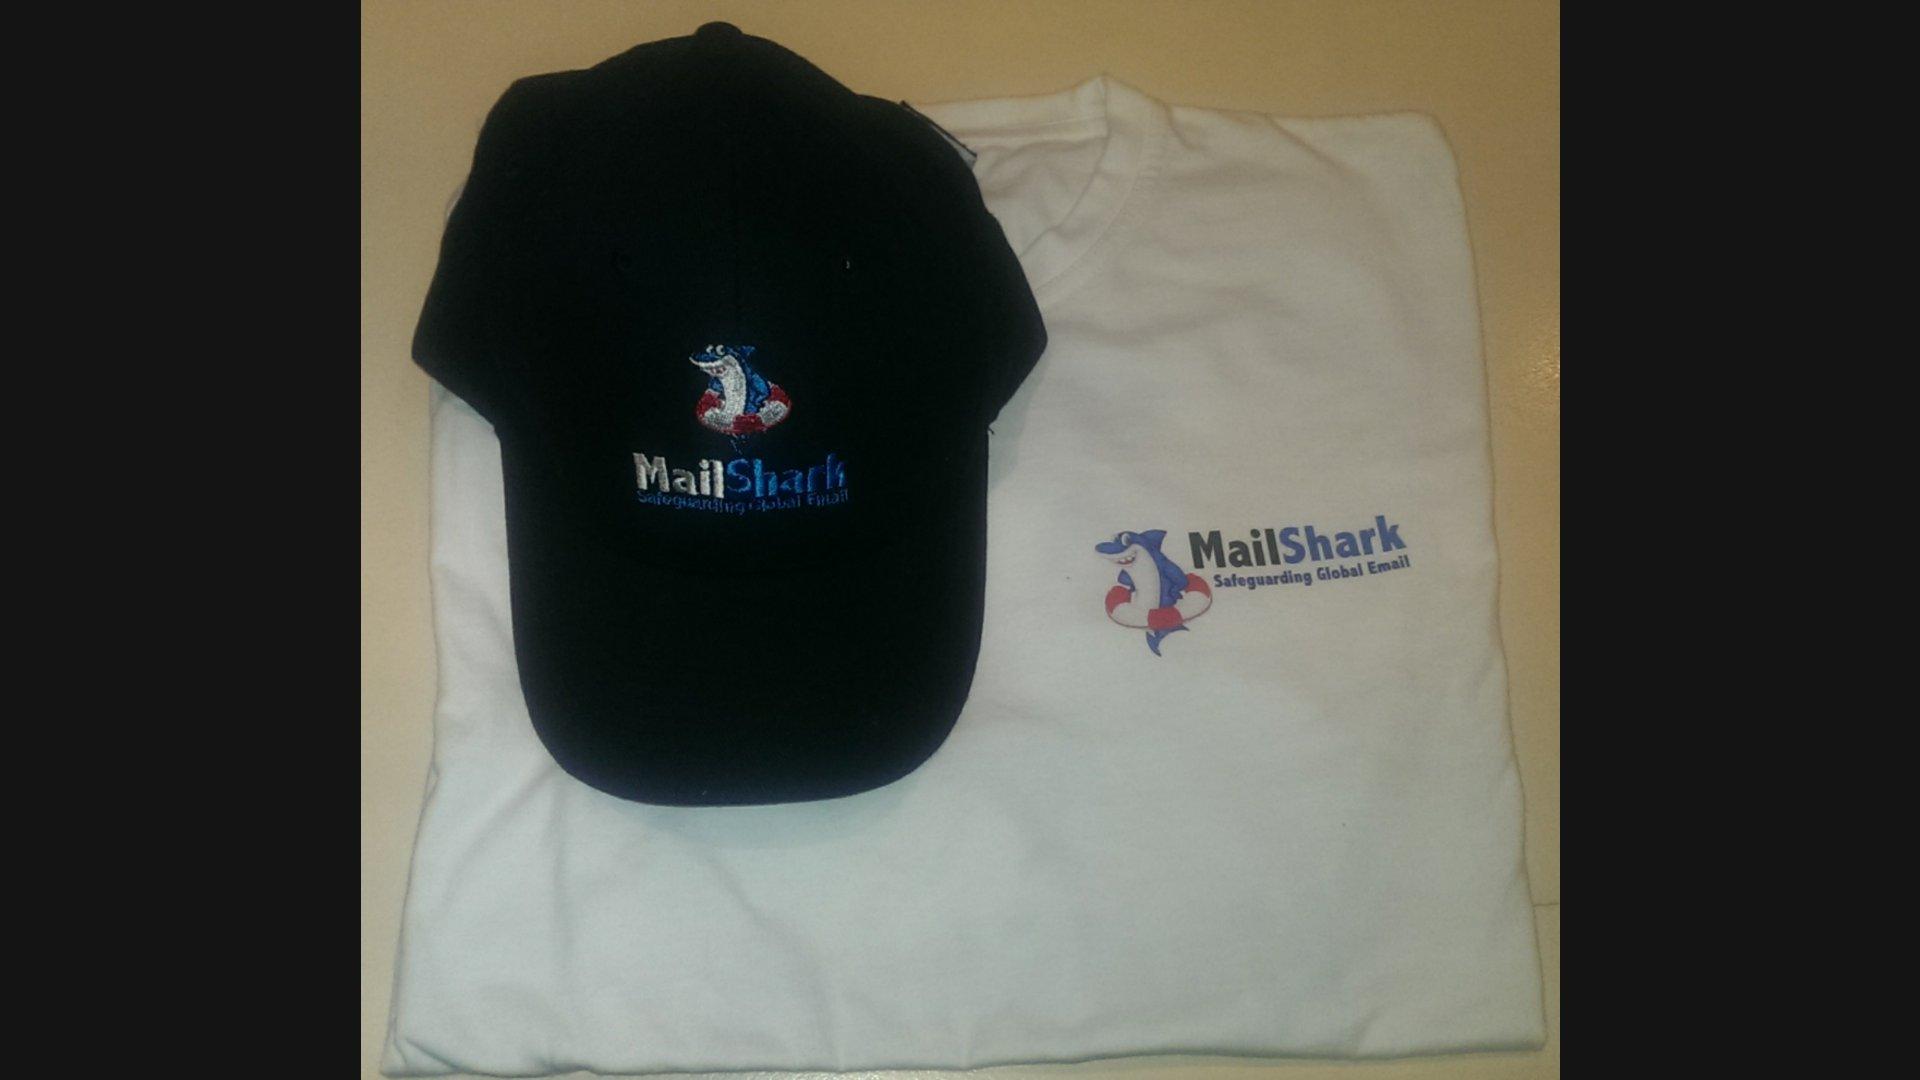 MailShark Shirt Cap